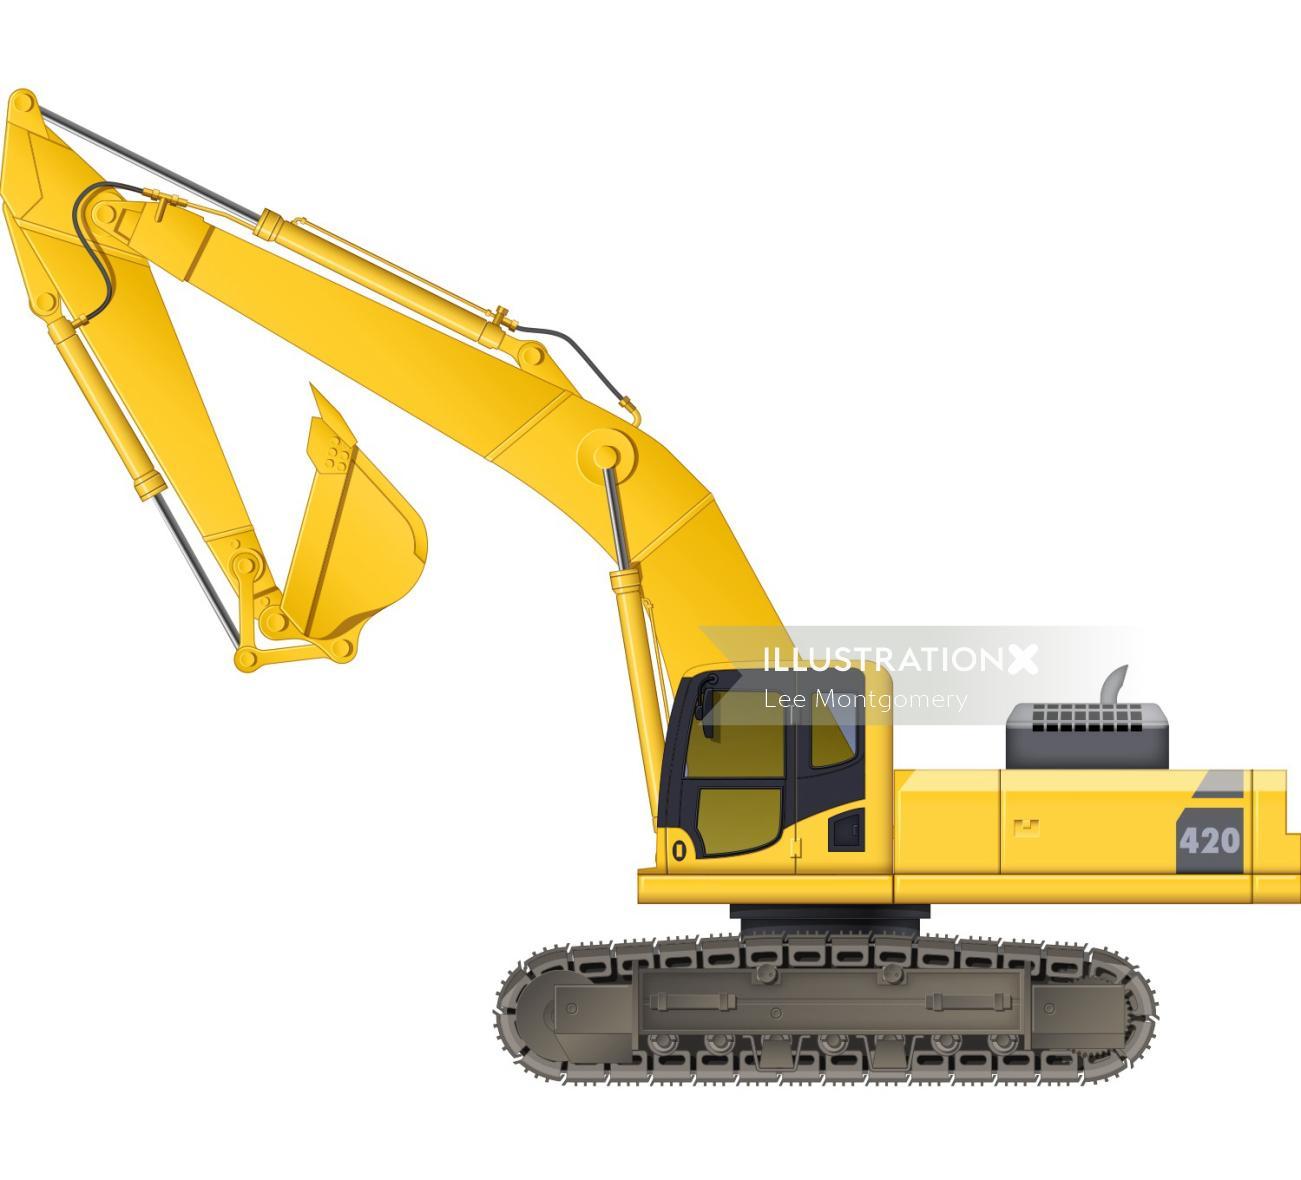 Illustration of caterpillar tracks digger